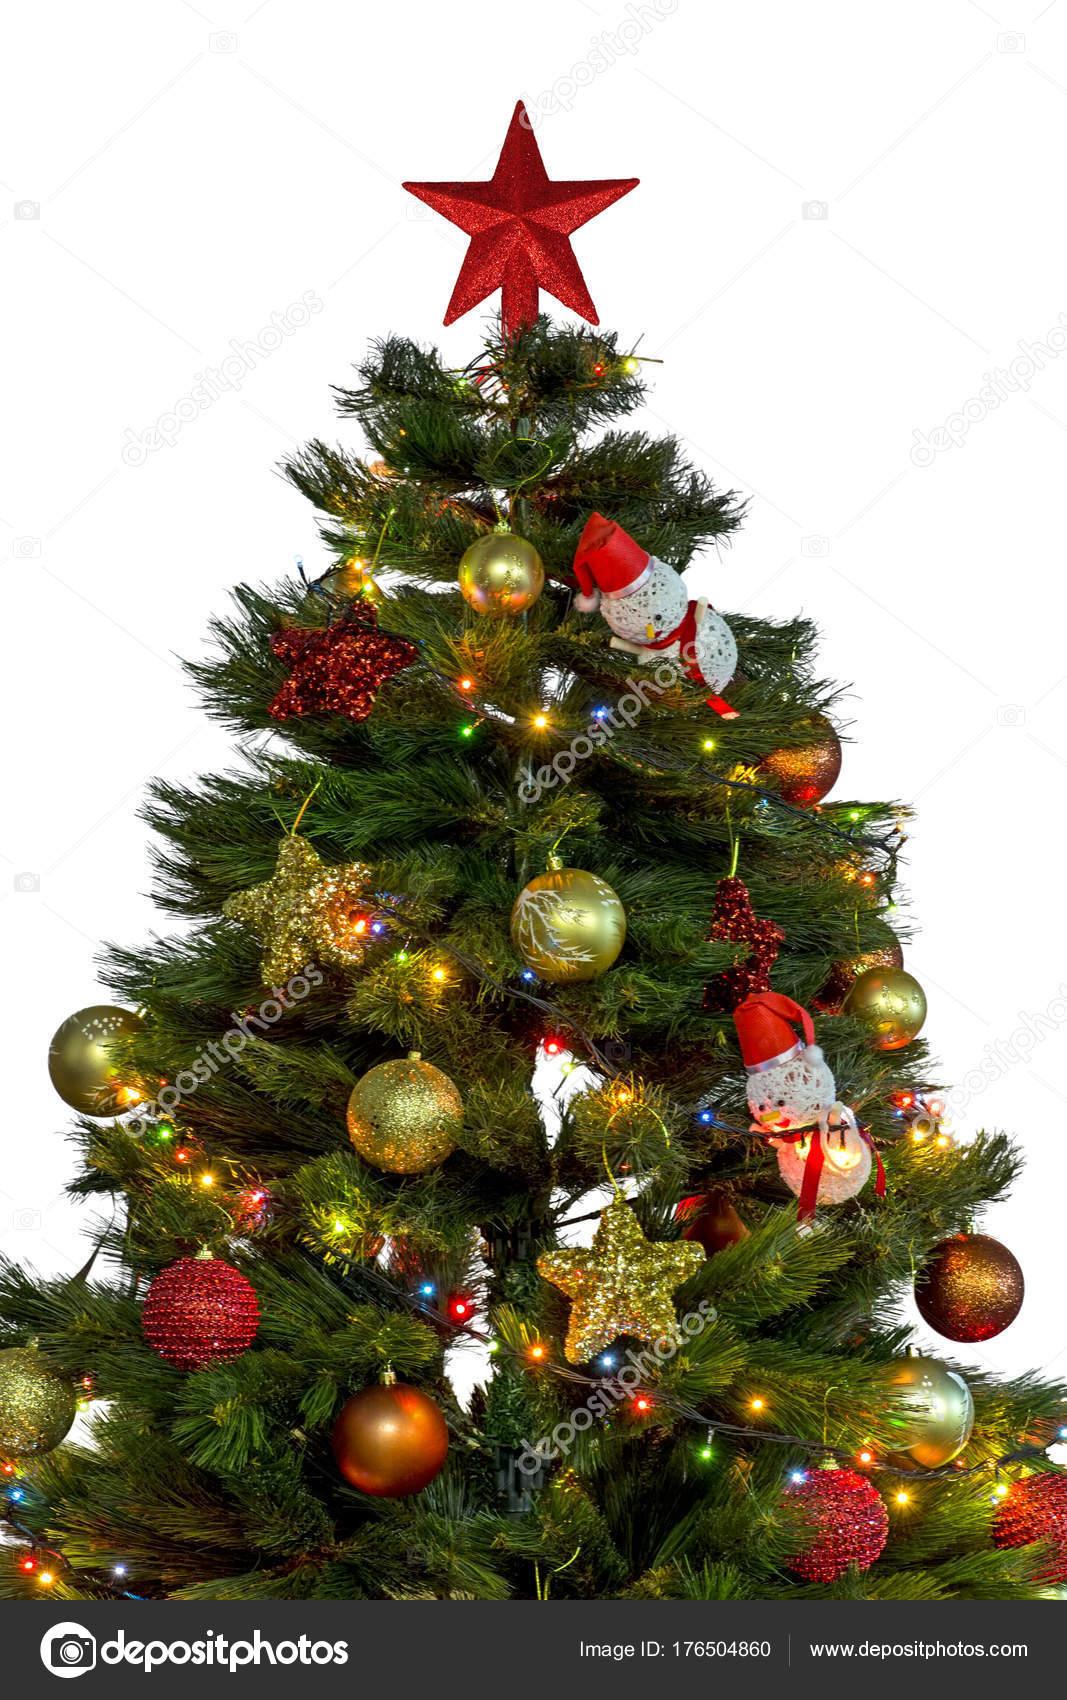 Kerstboom Met Grote Rode Ster Top Van Het Decoratie Met Stockfoto